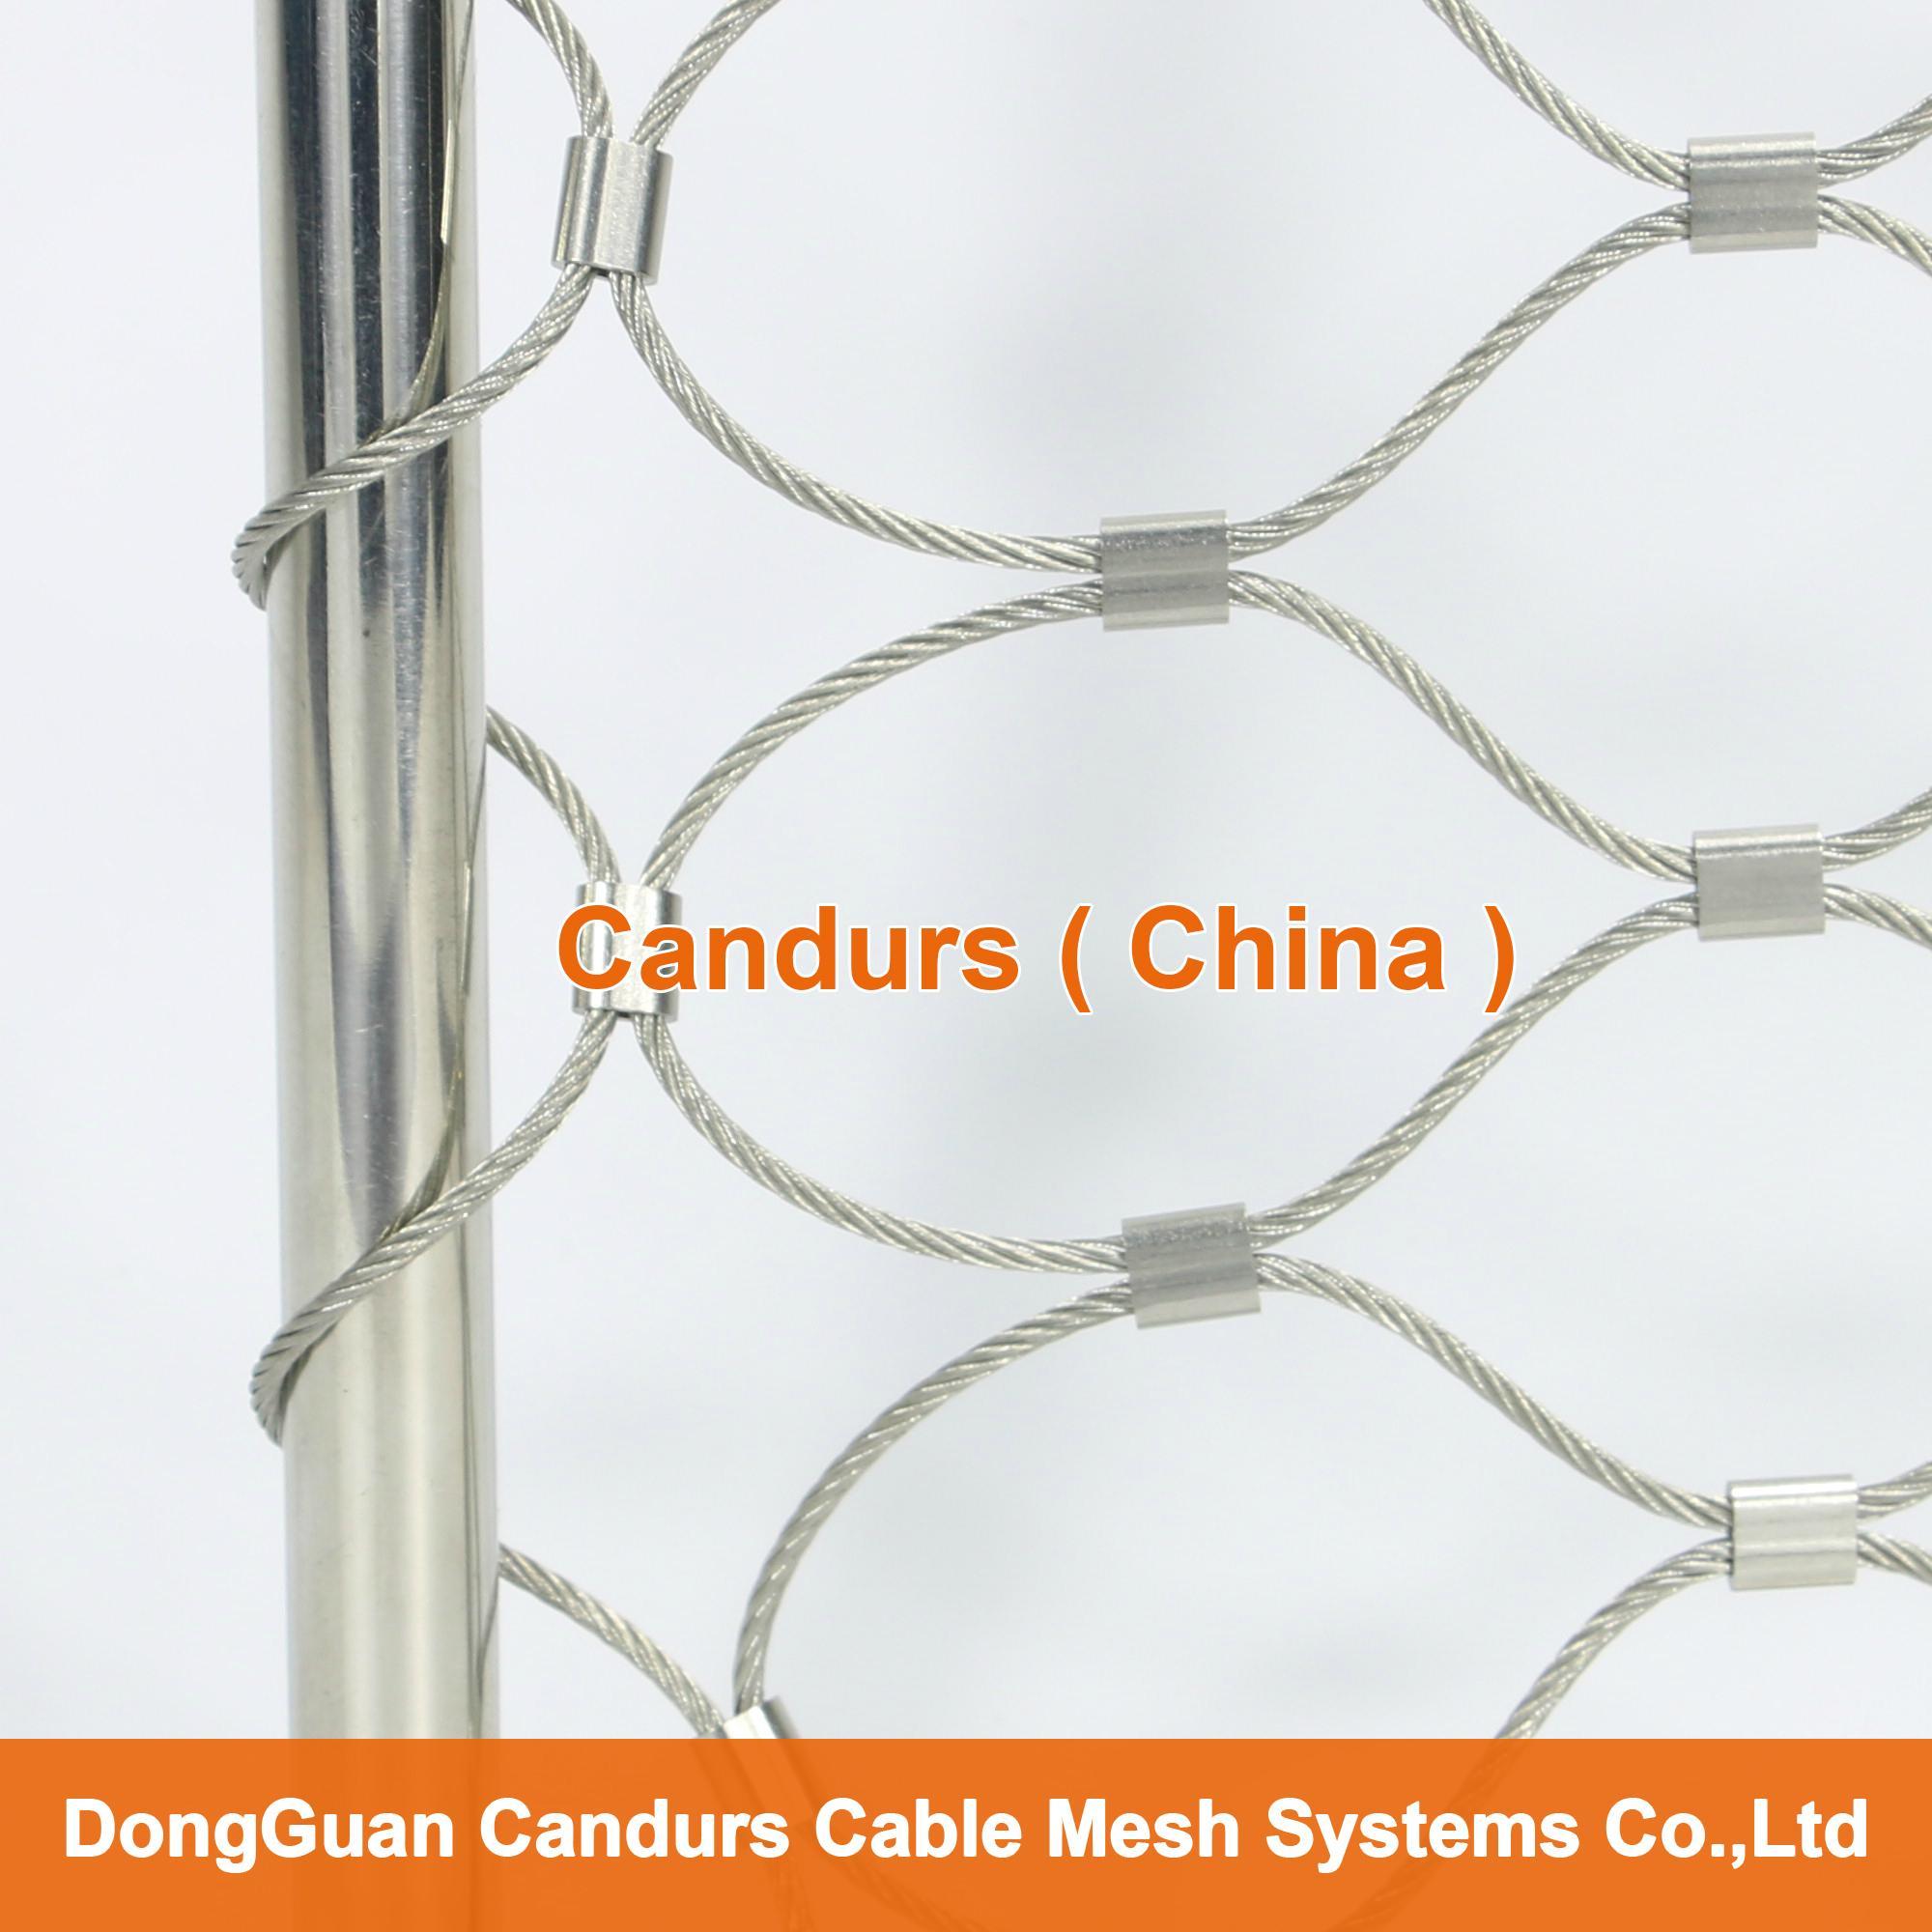 不锈钢绳建筑柔性防护网 10